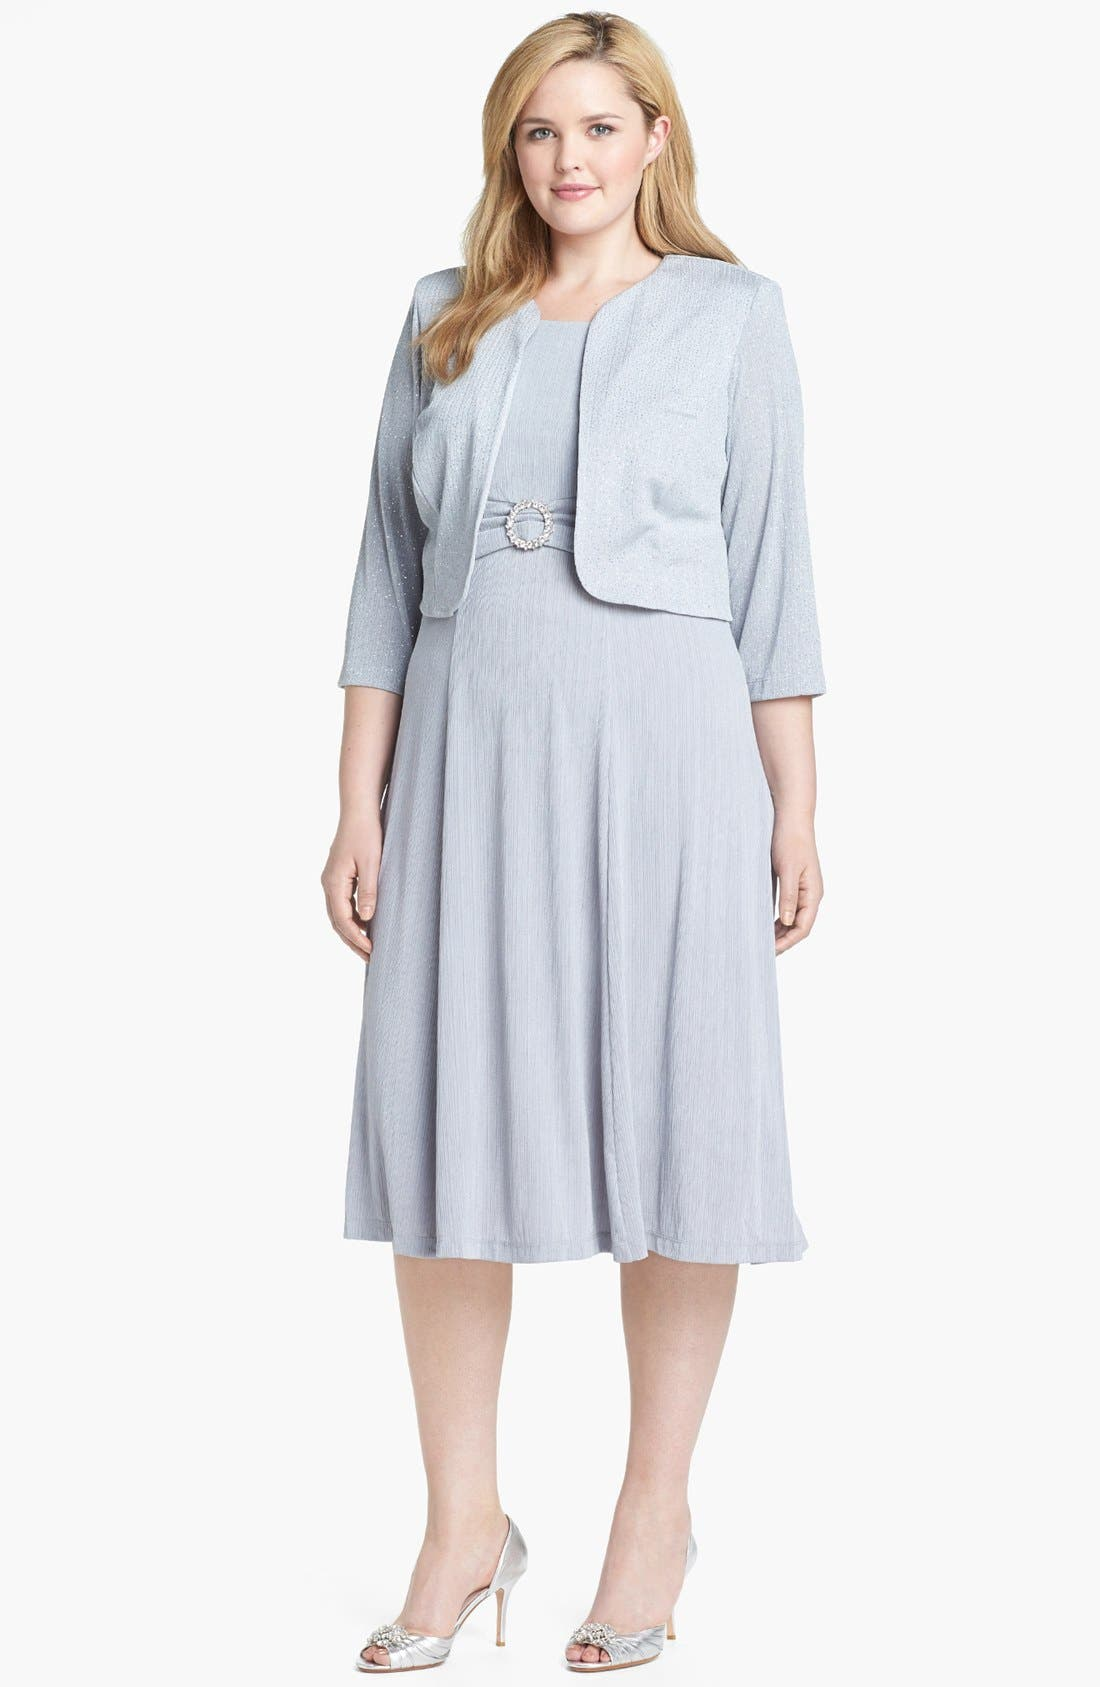 Main Image - Jessica Howard Embellished Dress & Jacket (Plus Size)